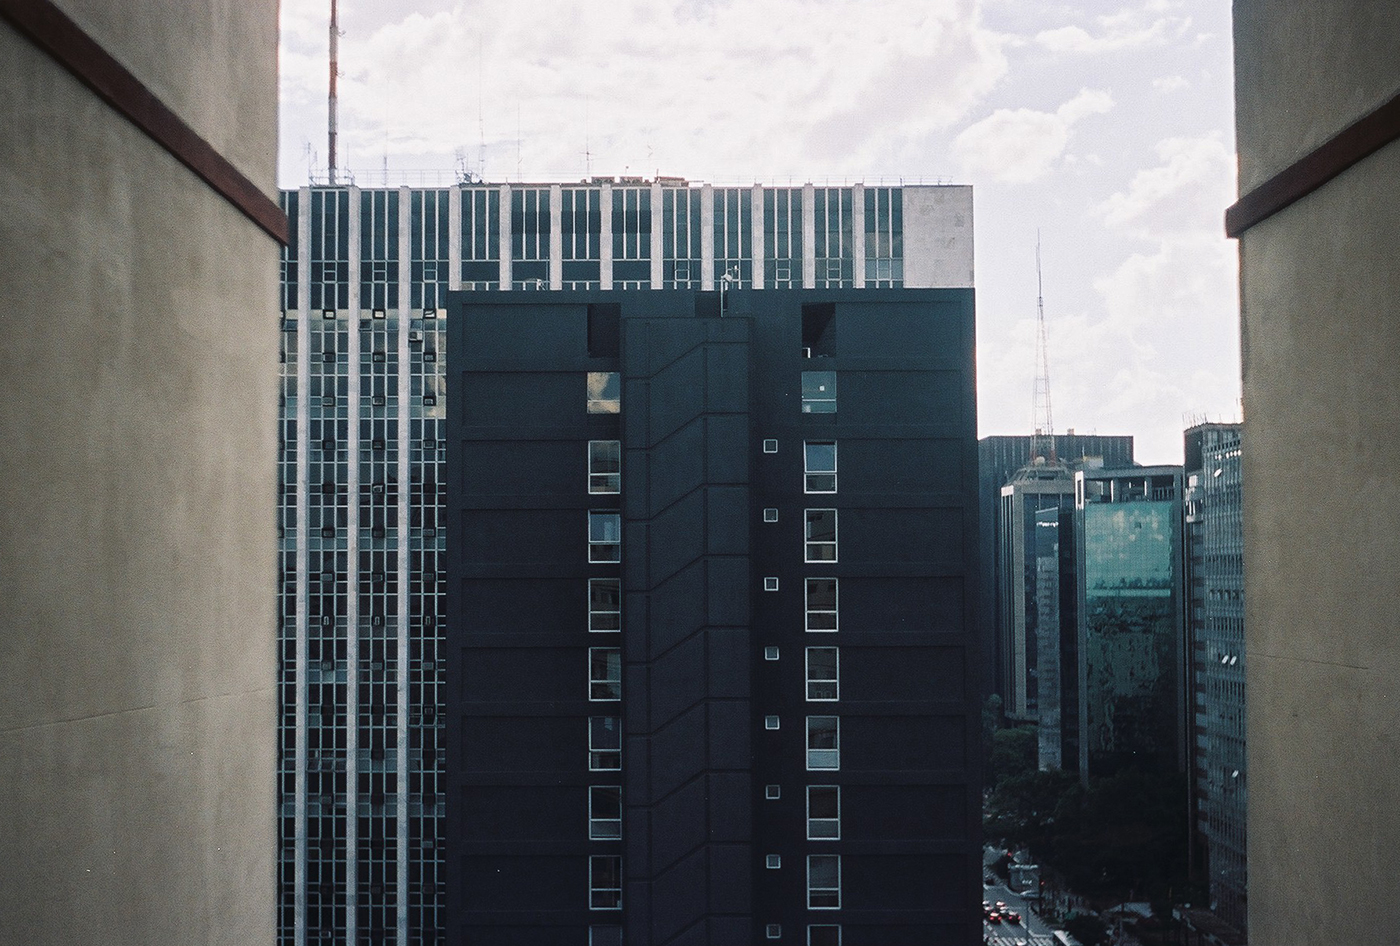 2013_35mm_blackbuilding.jpg